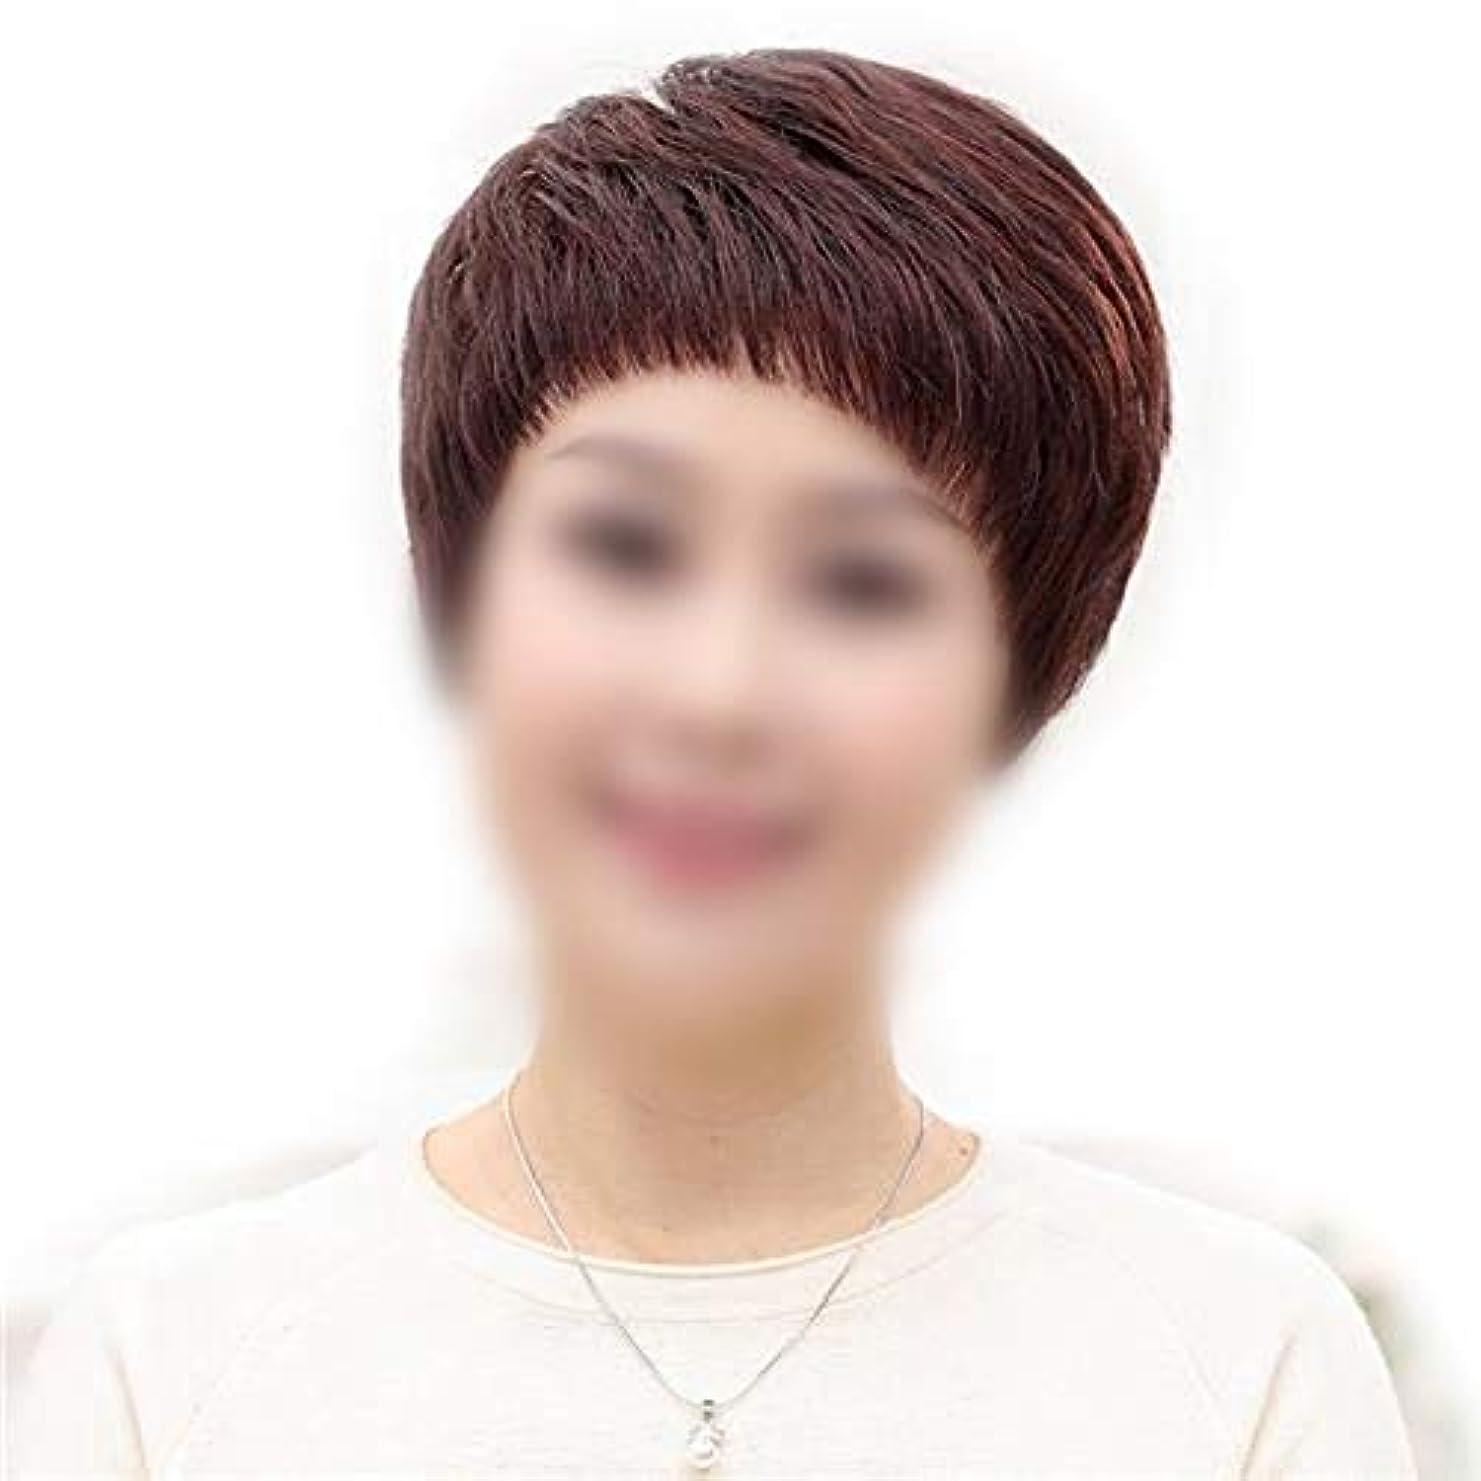 悪党次へ高度なYOUQIU 女子ショートストレート髪のフルハンド織実ヘアウィッグデイリードレスウィッグ (色 : Natural black)